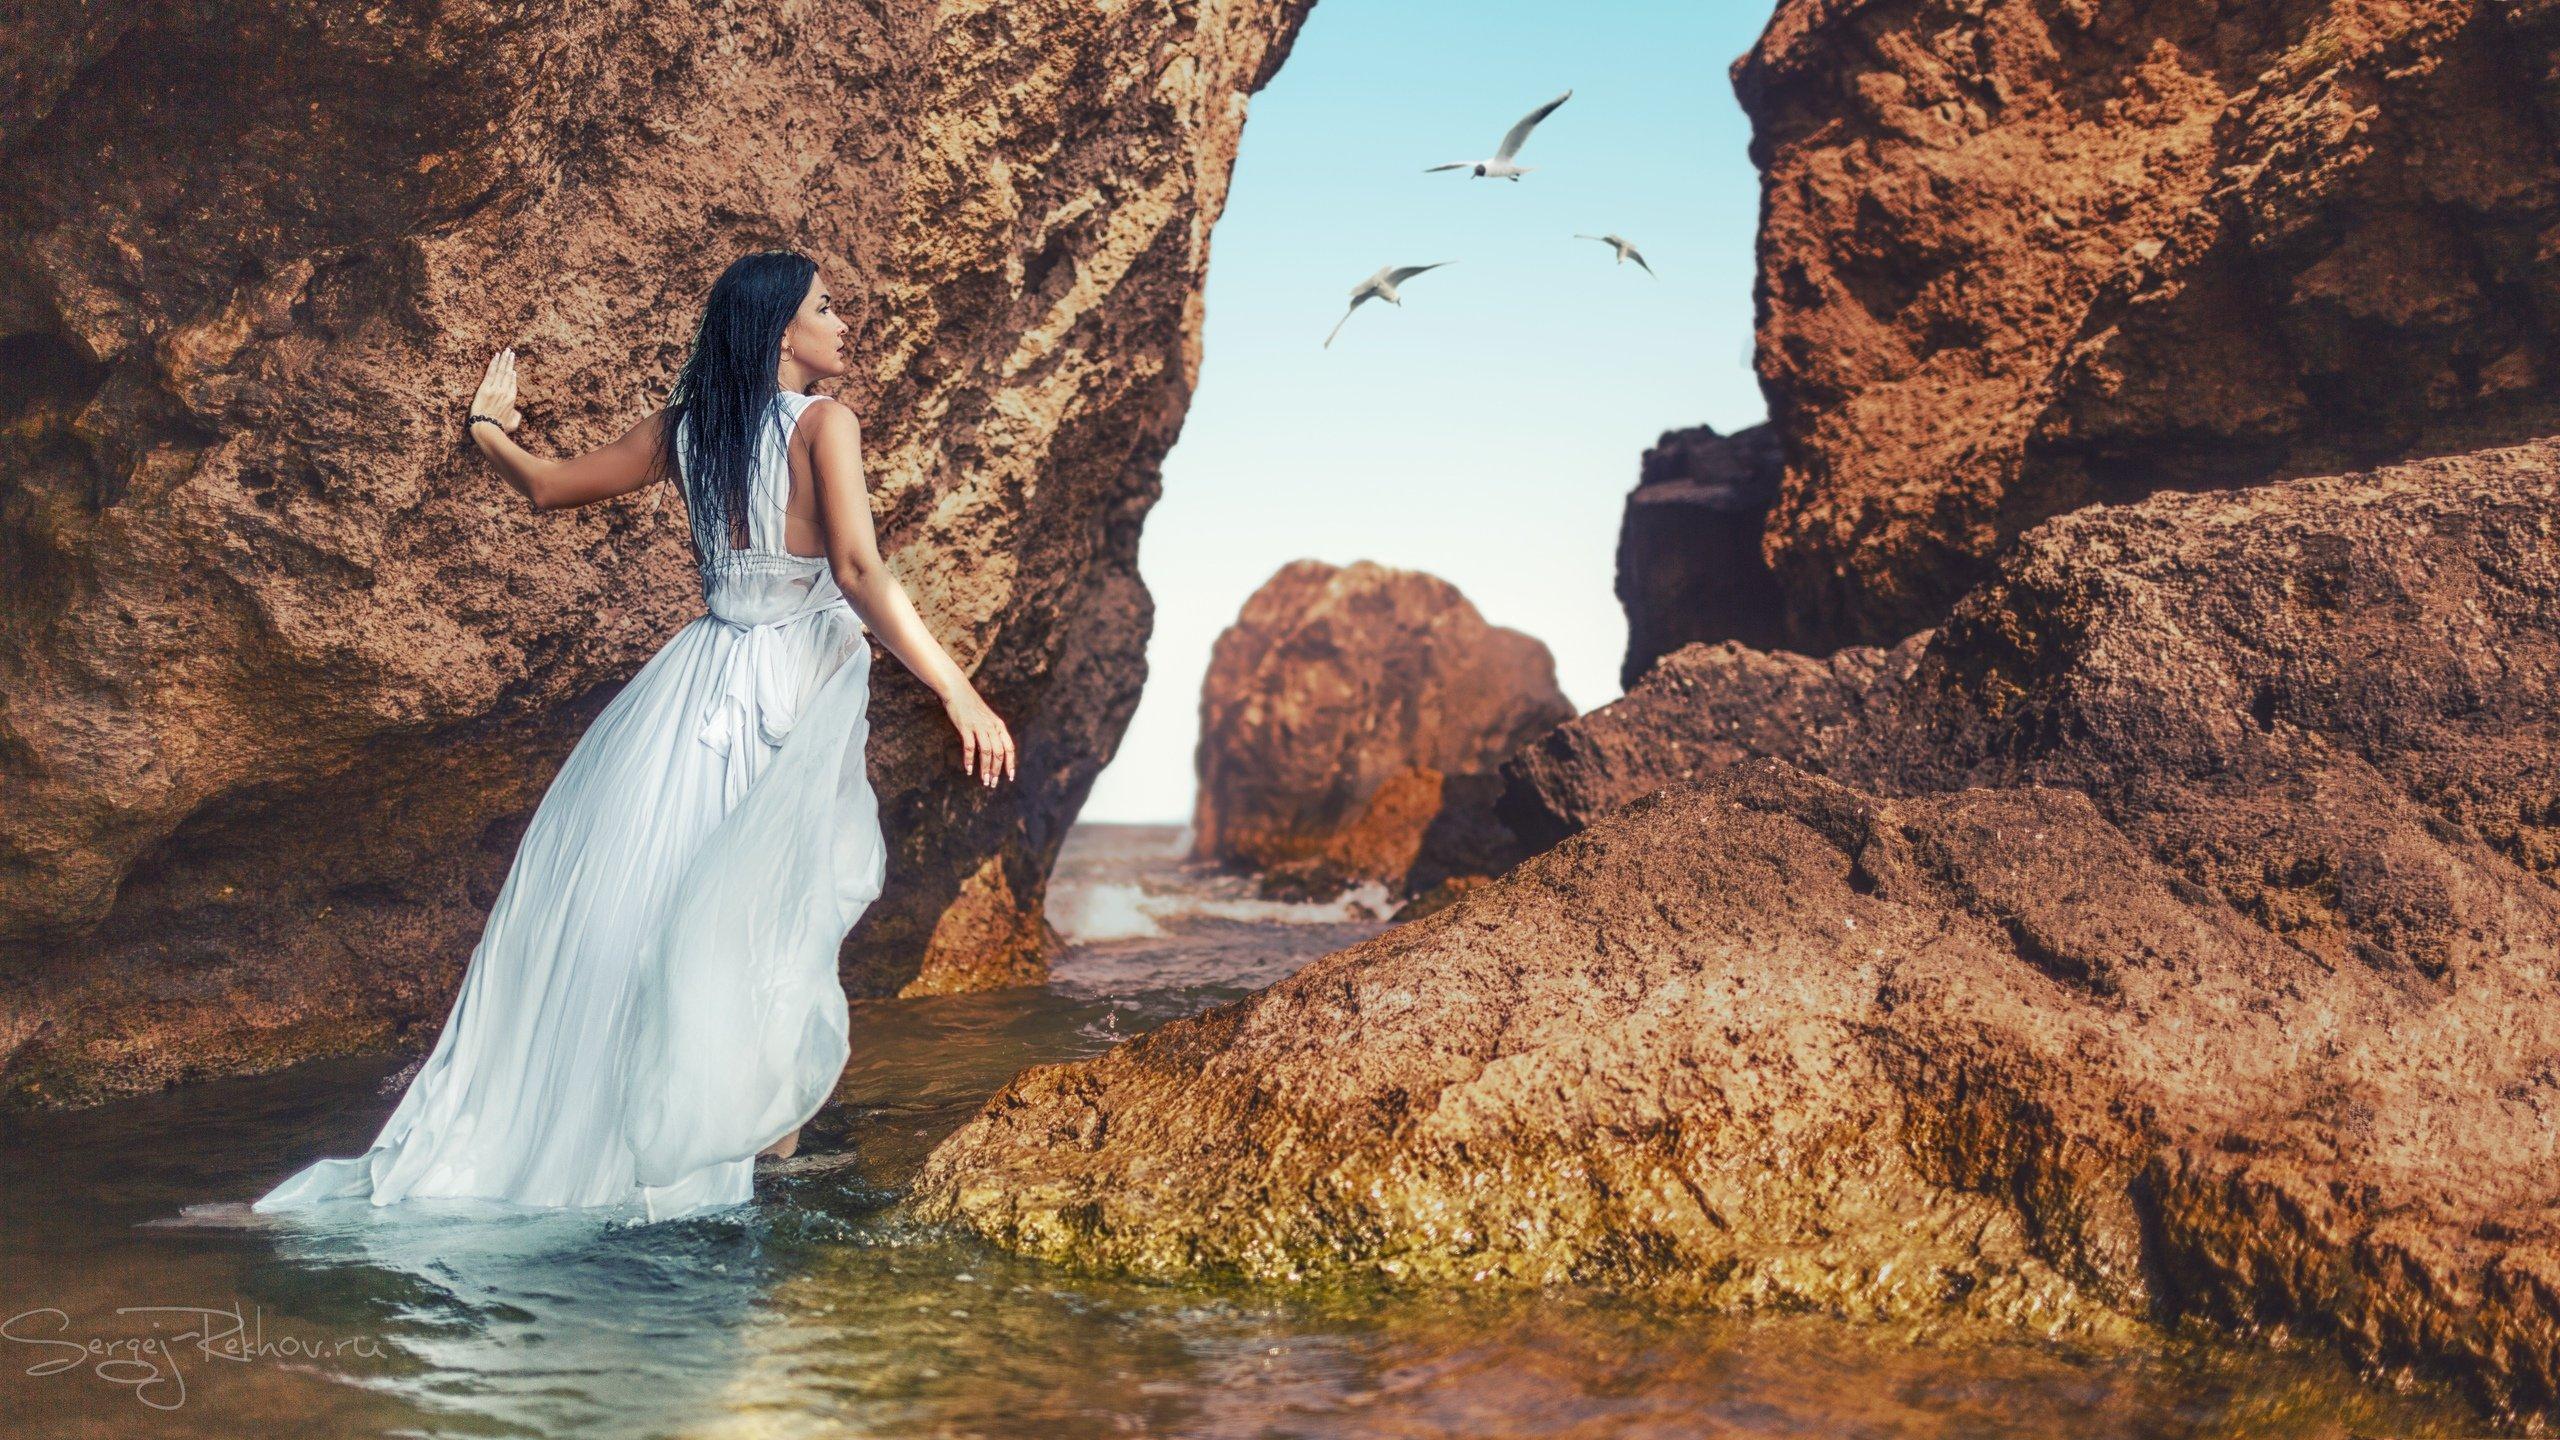 крым, азовское море, скалы, море, модель, Сергей Рехов